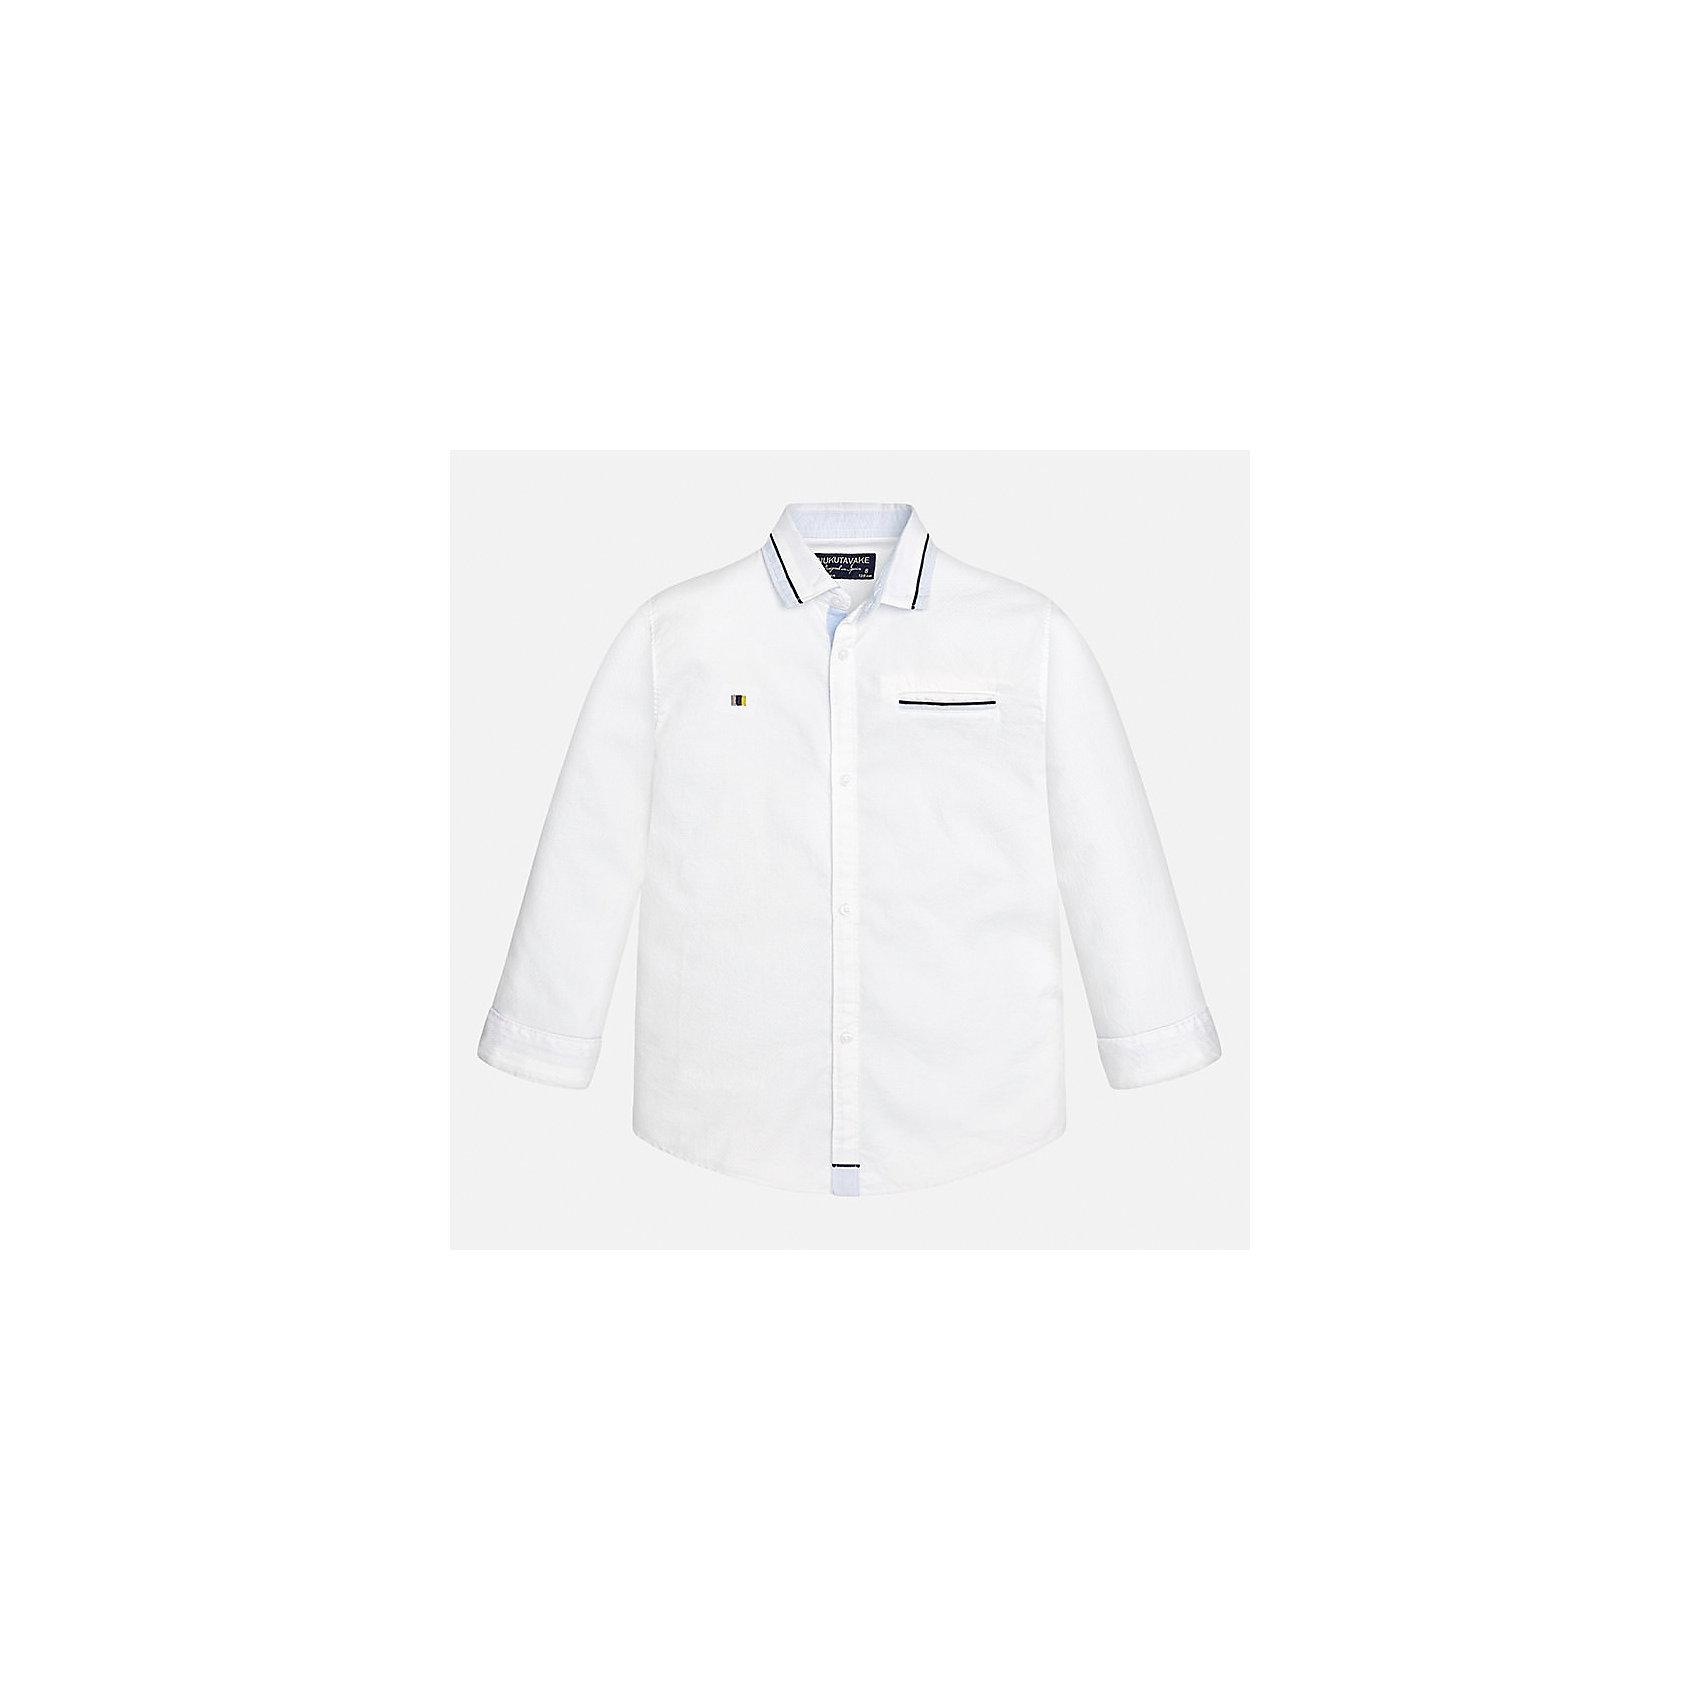 Рубашка Mayoral для мальчикаБлузки и рубашки<br>Характеристики товара:<br><br>• цвет: белый<br>• состав ткани: 100% хлопок<br>• сезон: демисезон<br>• особенности модели: школьная<br>• застежка: пуговицы<br>• длинные рукава<br>• страна бренда: Испания<br>• страна изготовитель: Индия<br><br>Белая рубашка с длинным рукавом для мальчика от Майорал поможет обеспечить ребенку комфорт. Детская рубашка отличается стильным и продуманным дизайном. В рубашке для мальчика от испанской компании Майорал ребенок будет выглядеть модно, а чувствовать себя - комфортно. <br><br>Рубашку для мальчика Mayoral (Майорал) можно купить в нашем интернет-магазине.<br><br>Ширина мм: 174<br>Глубина мм: 10<br>Высота мм: 169<br>Вес г: 157<br>Цвет: белый<br>Возраст от месяцев: 168<br>Возраст до месяцев: 180<br>Пол: Мужской<br>Возраст: Детский<br>Размер: 170,128/134,140,152,158,164<br>SKU: 6933584